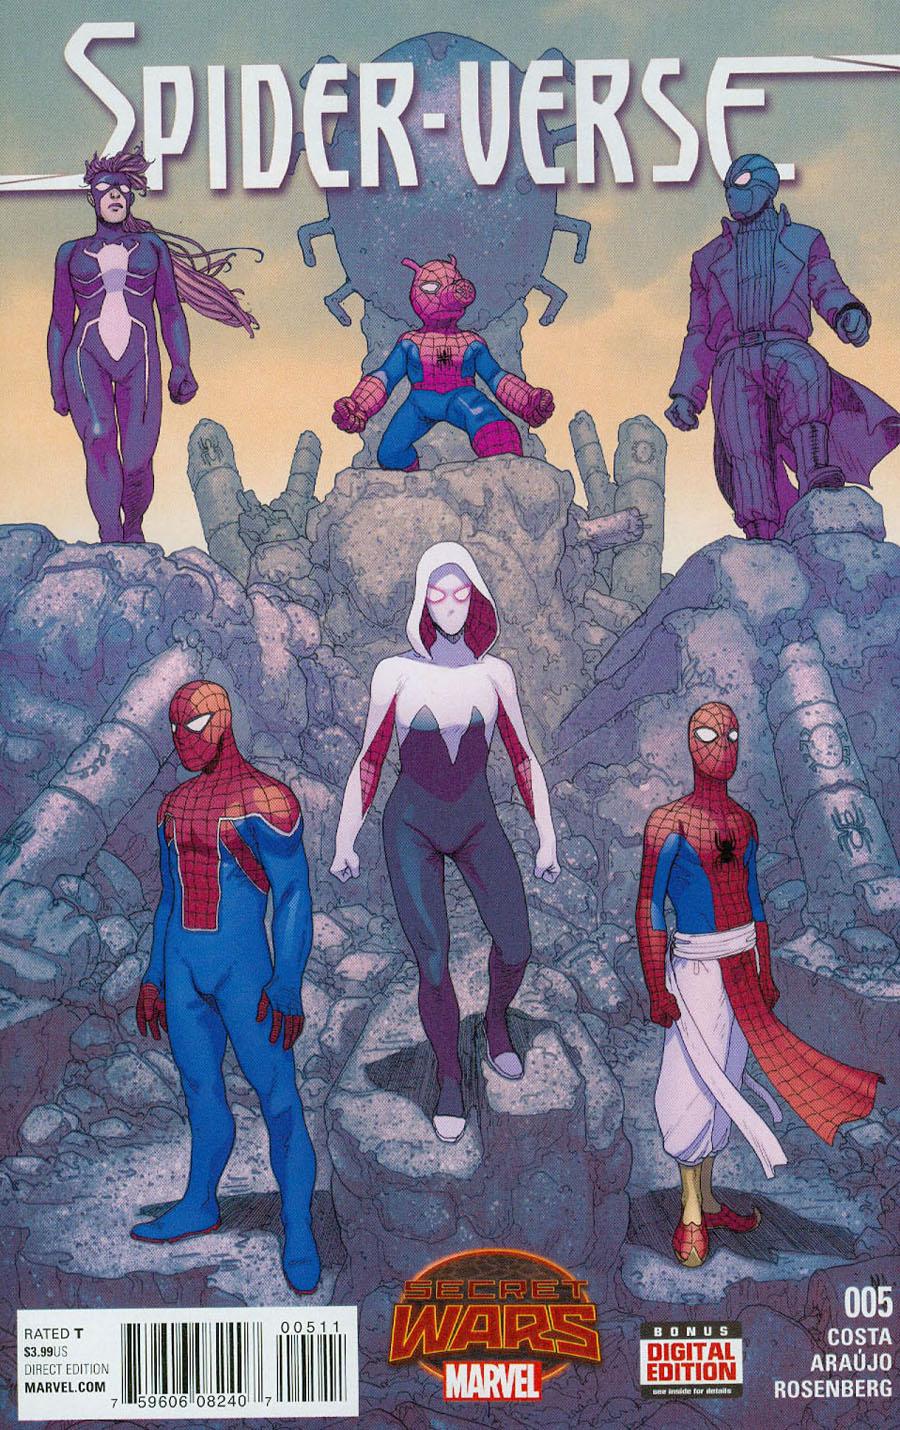 Spider-Verse Vol 2 #5 Cover A Regular Andre Araujo Cover (Secret Wars Warzones Tie-In)